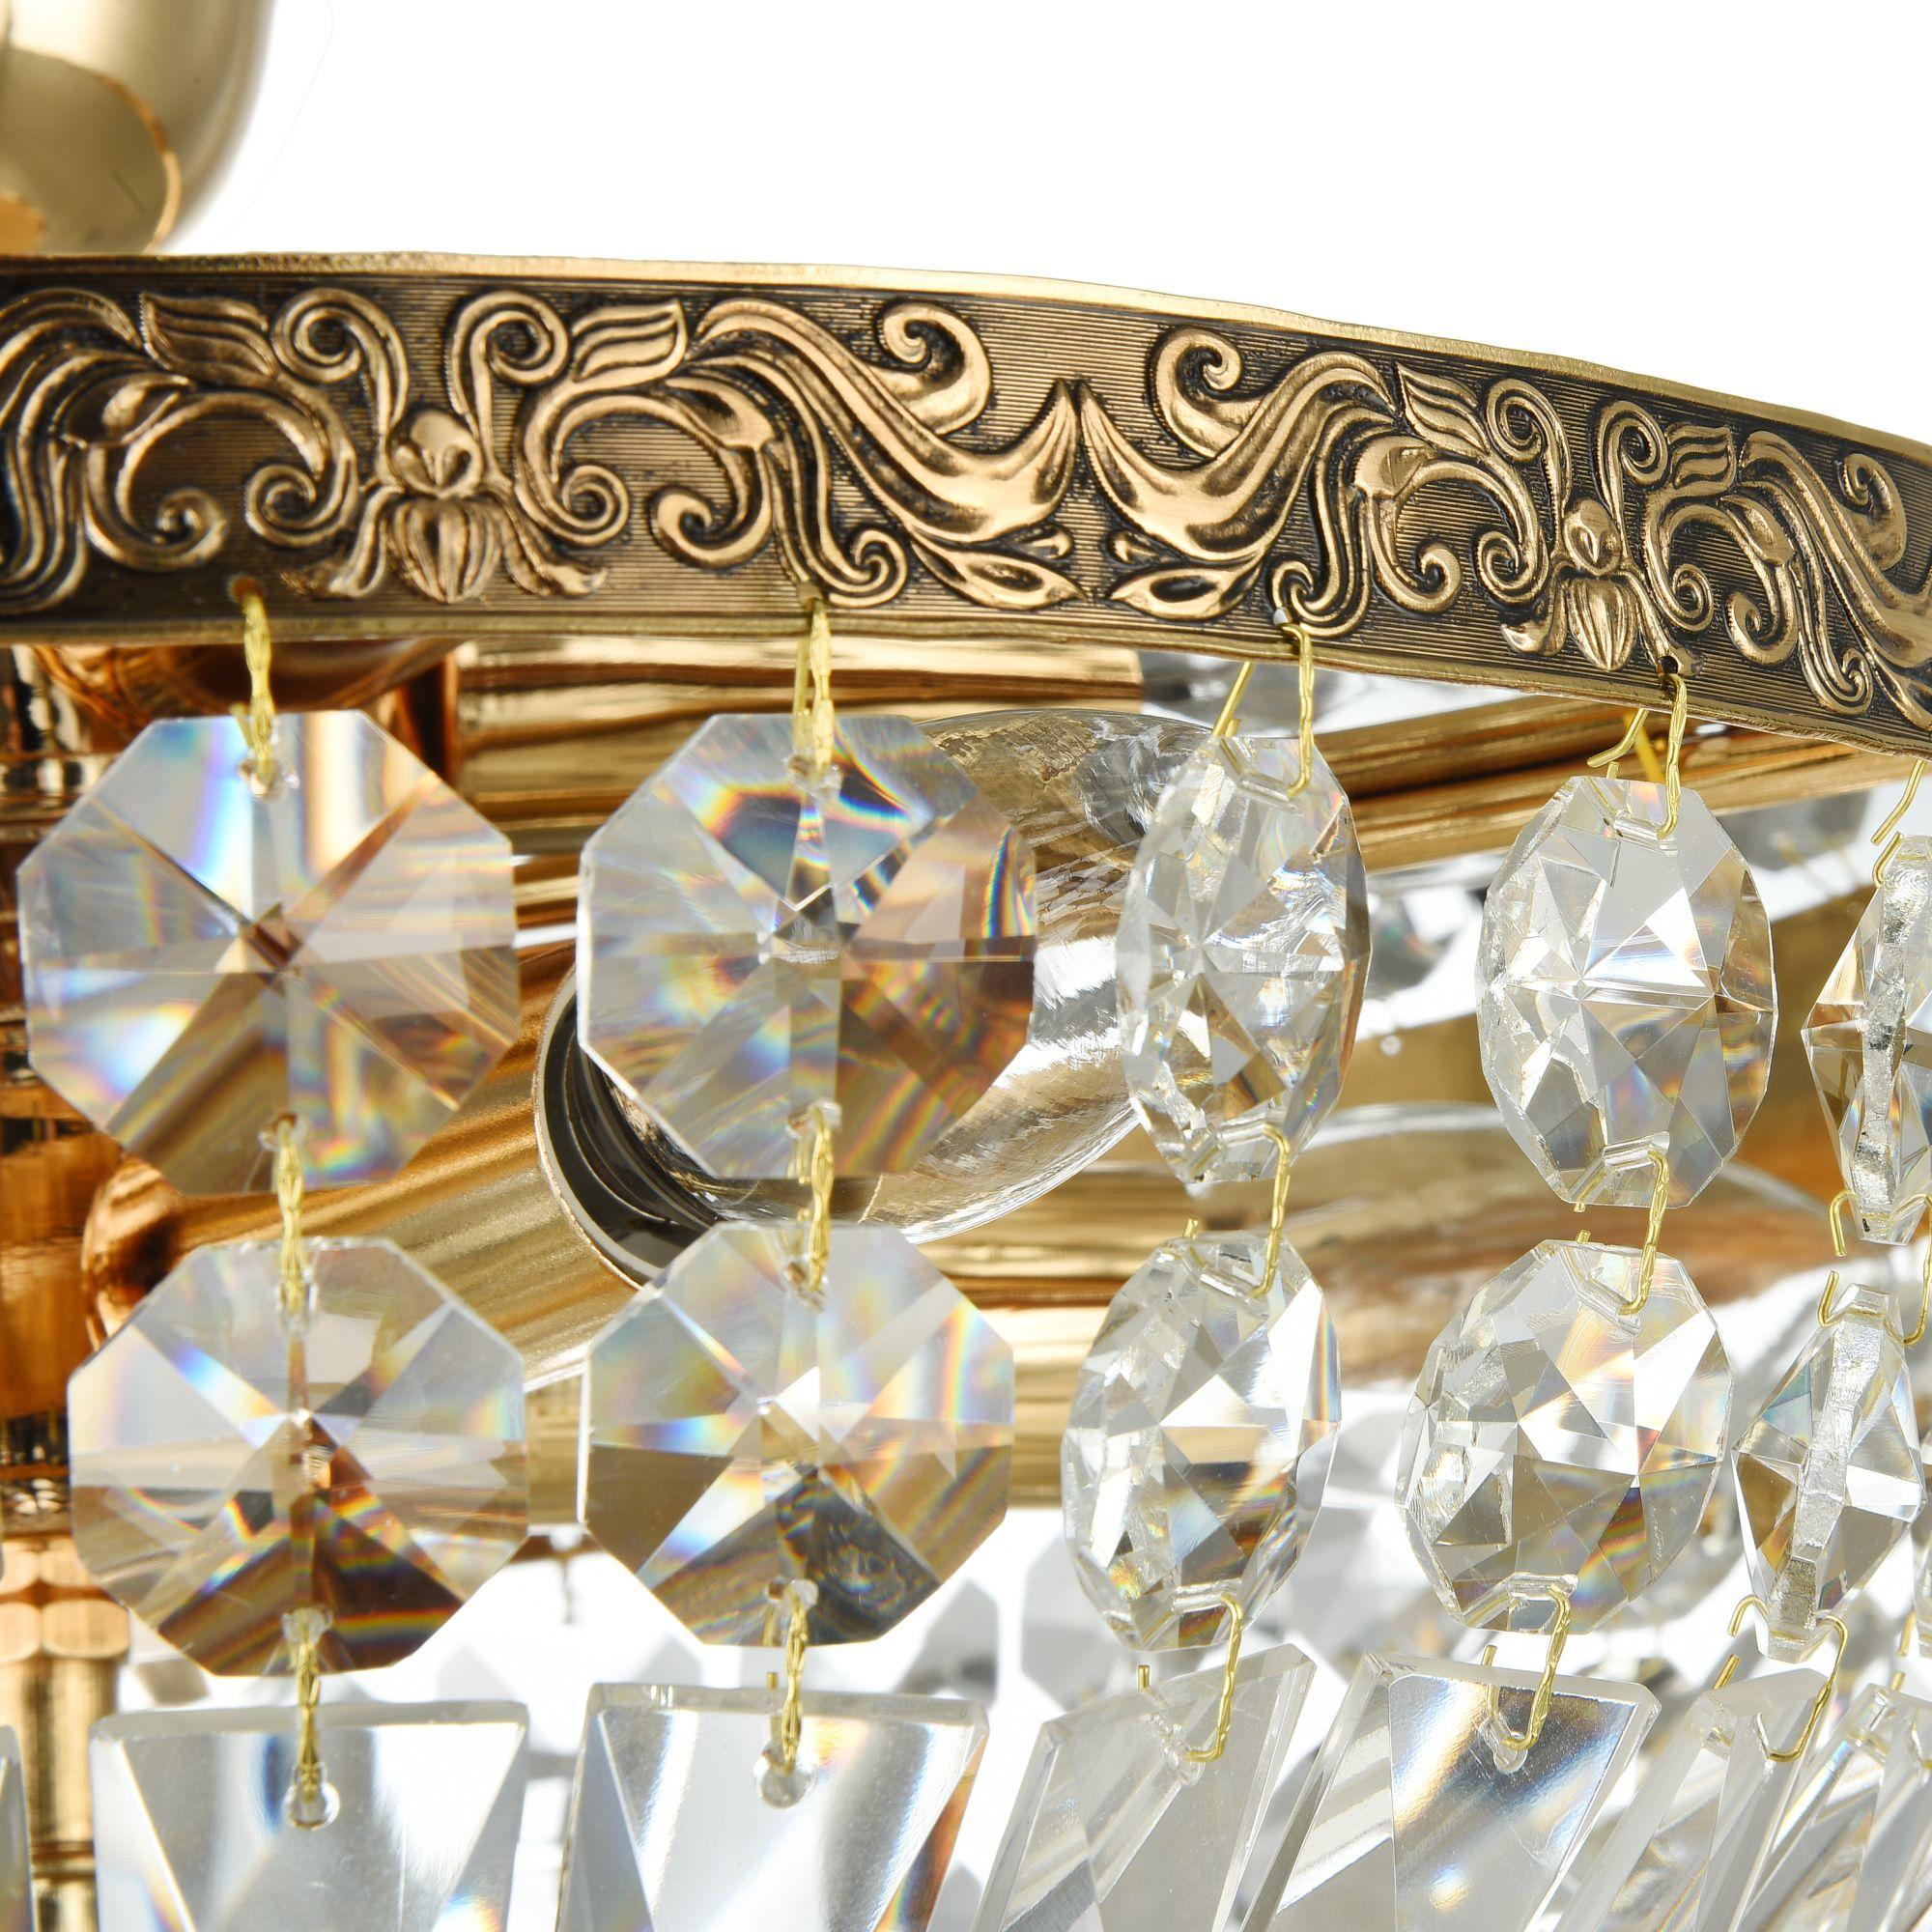 Потолочная люстра Maytoni Tiara DIA500-CL-30-05-G (b500-pt30-g), 5xE14x60W, черненое золото, прозрачный, металл, хрусталь - фото 6